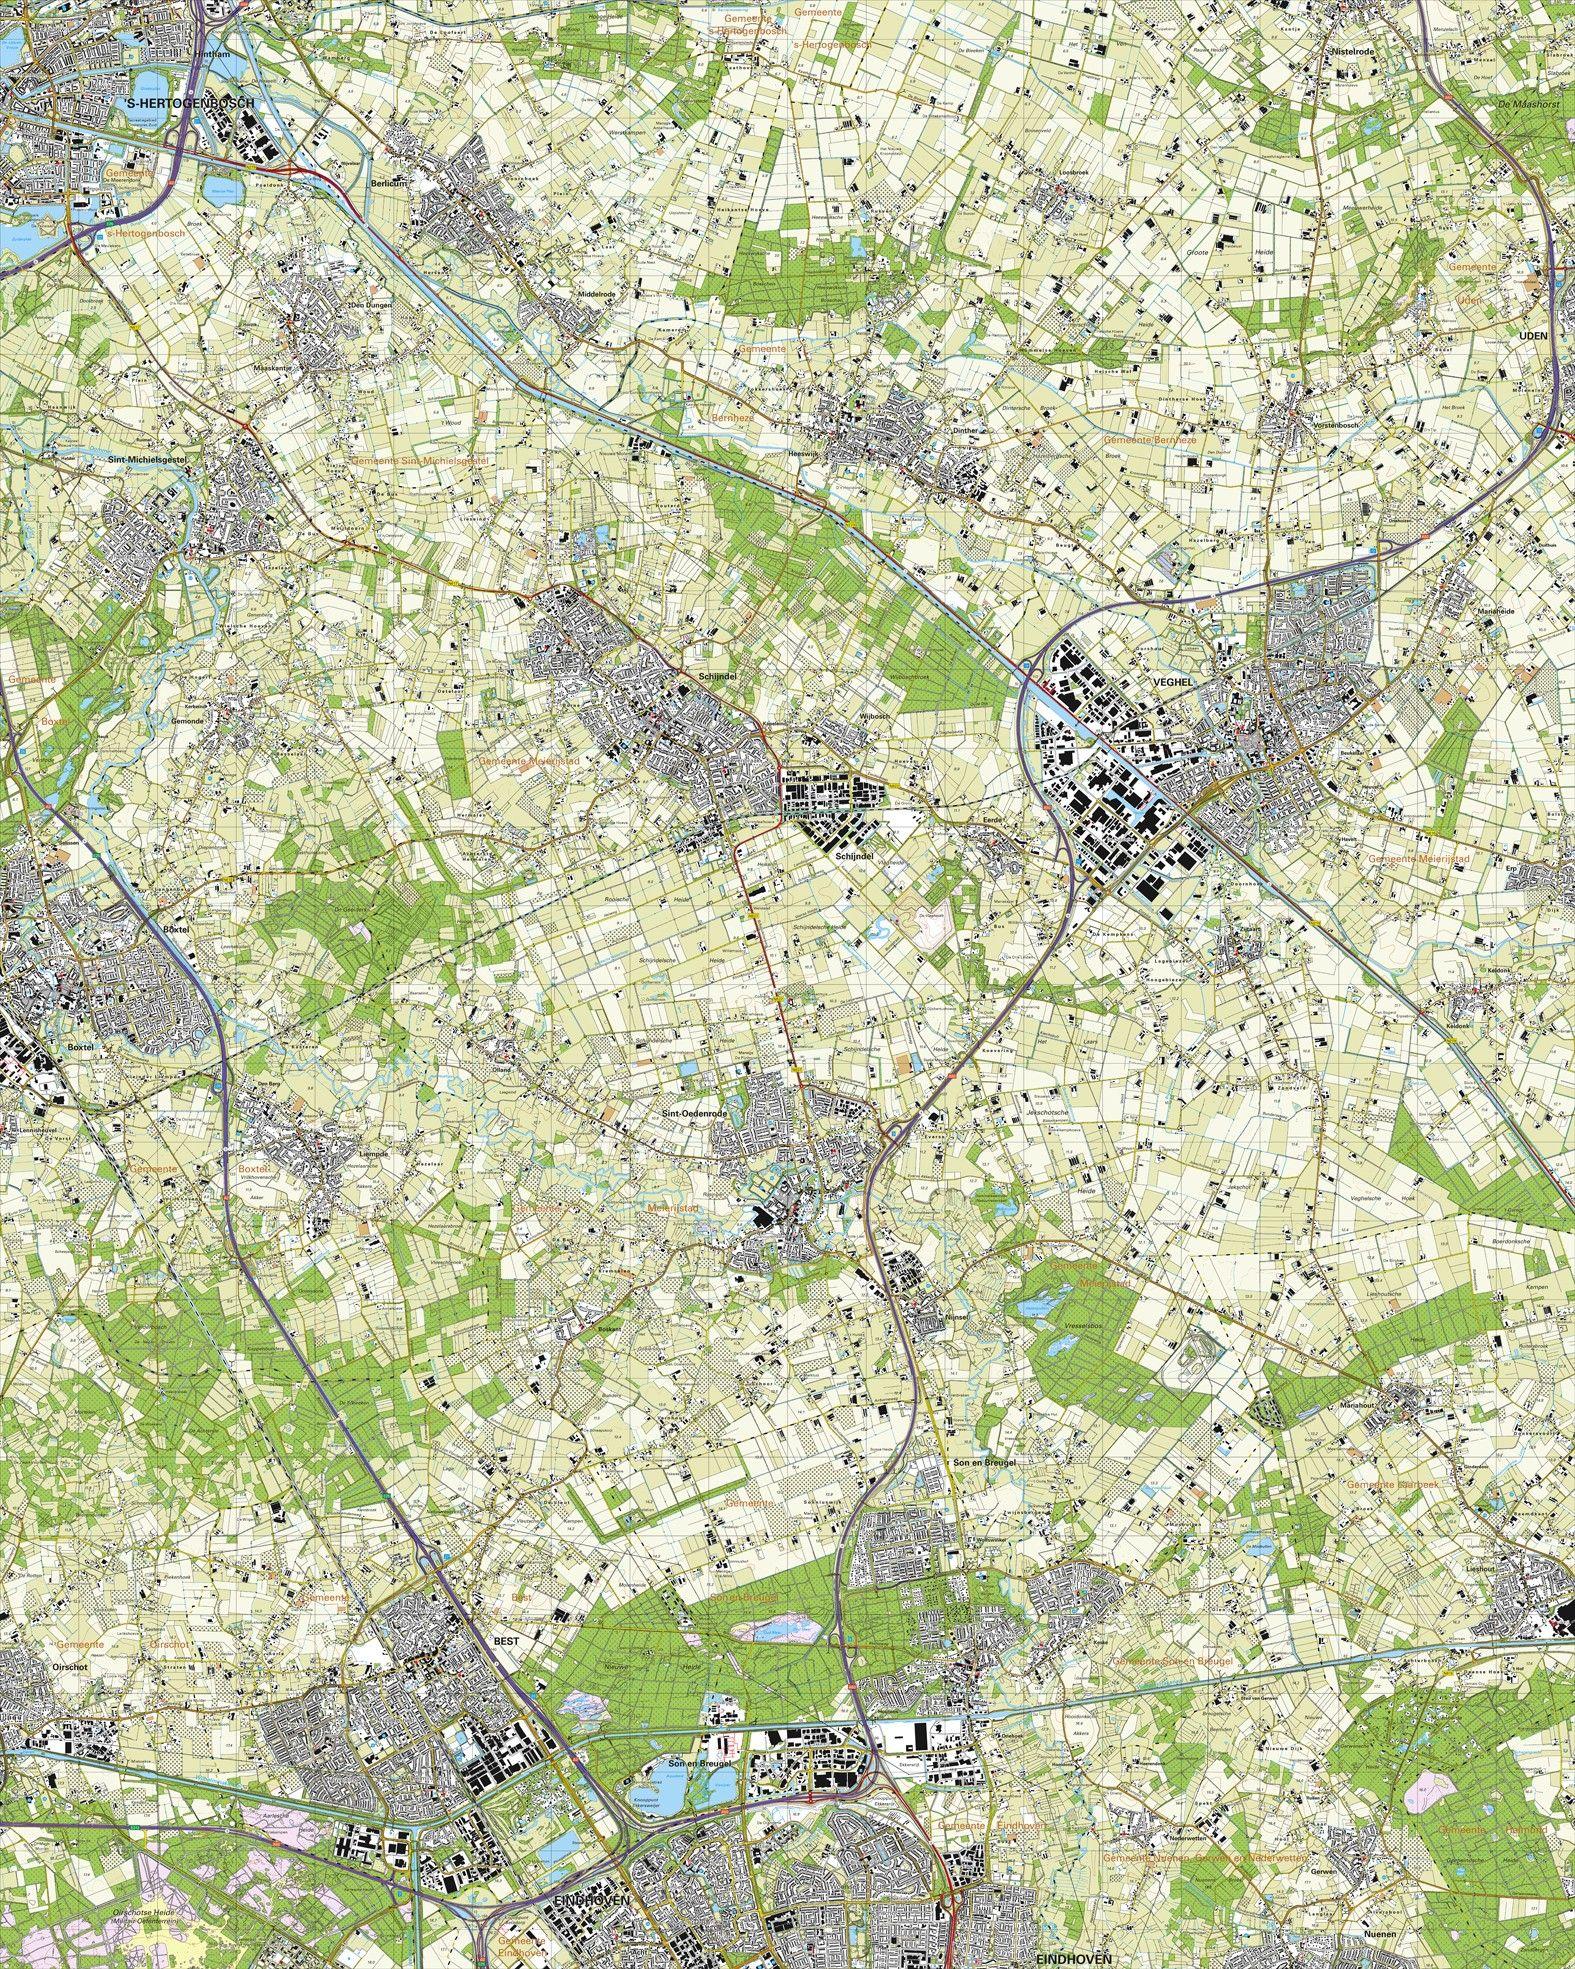 Topografische kaart schaal 1:25.000 (Eindhoven, Best, Veghel, Schijndel, Boxtel, Berlicum)